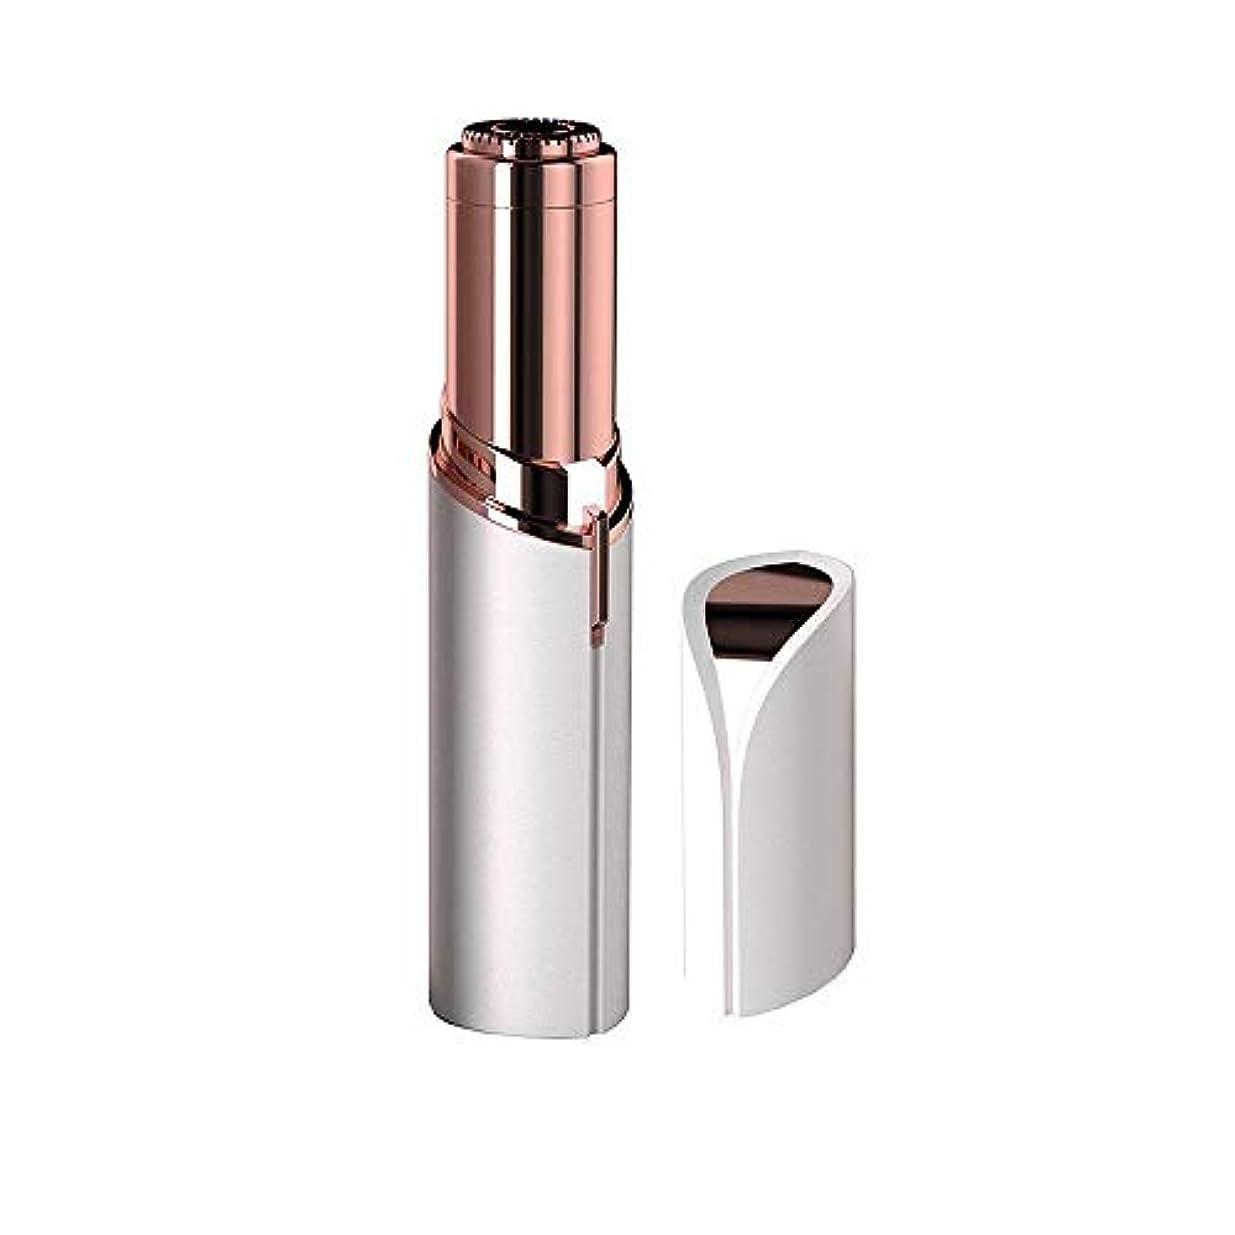 フェイスシェーバー ミニシェーバー 脱毛器 顔用 レディースシェーバー i-FSK 女性用 USB充電式 無痛 小型 携帯脱毛器 口紅 軽量 眉毛シェーバー 携帯便利 口紅の形